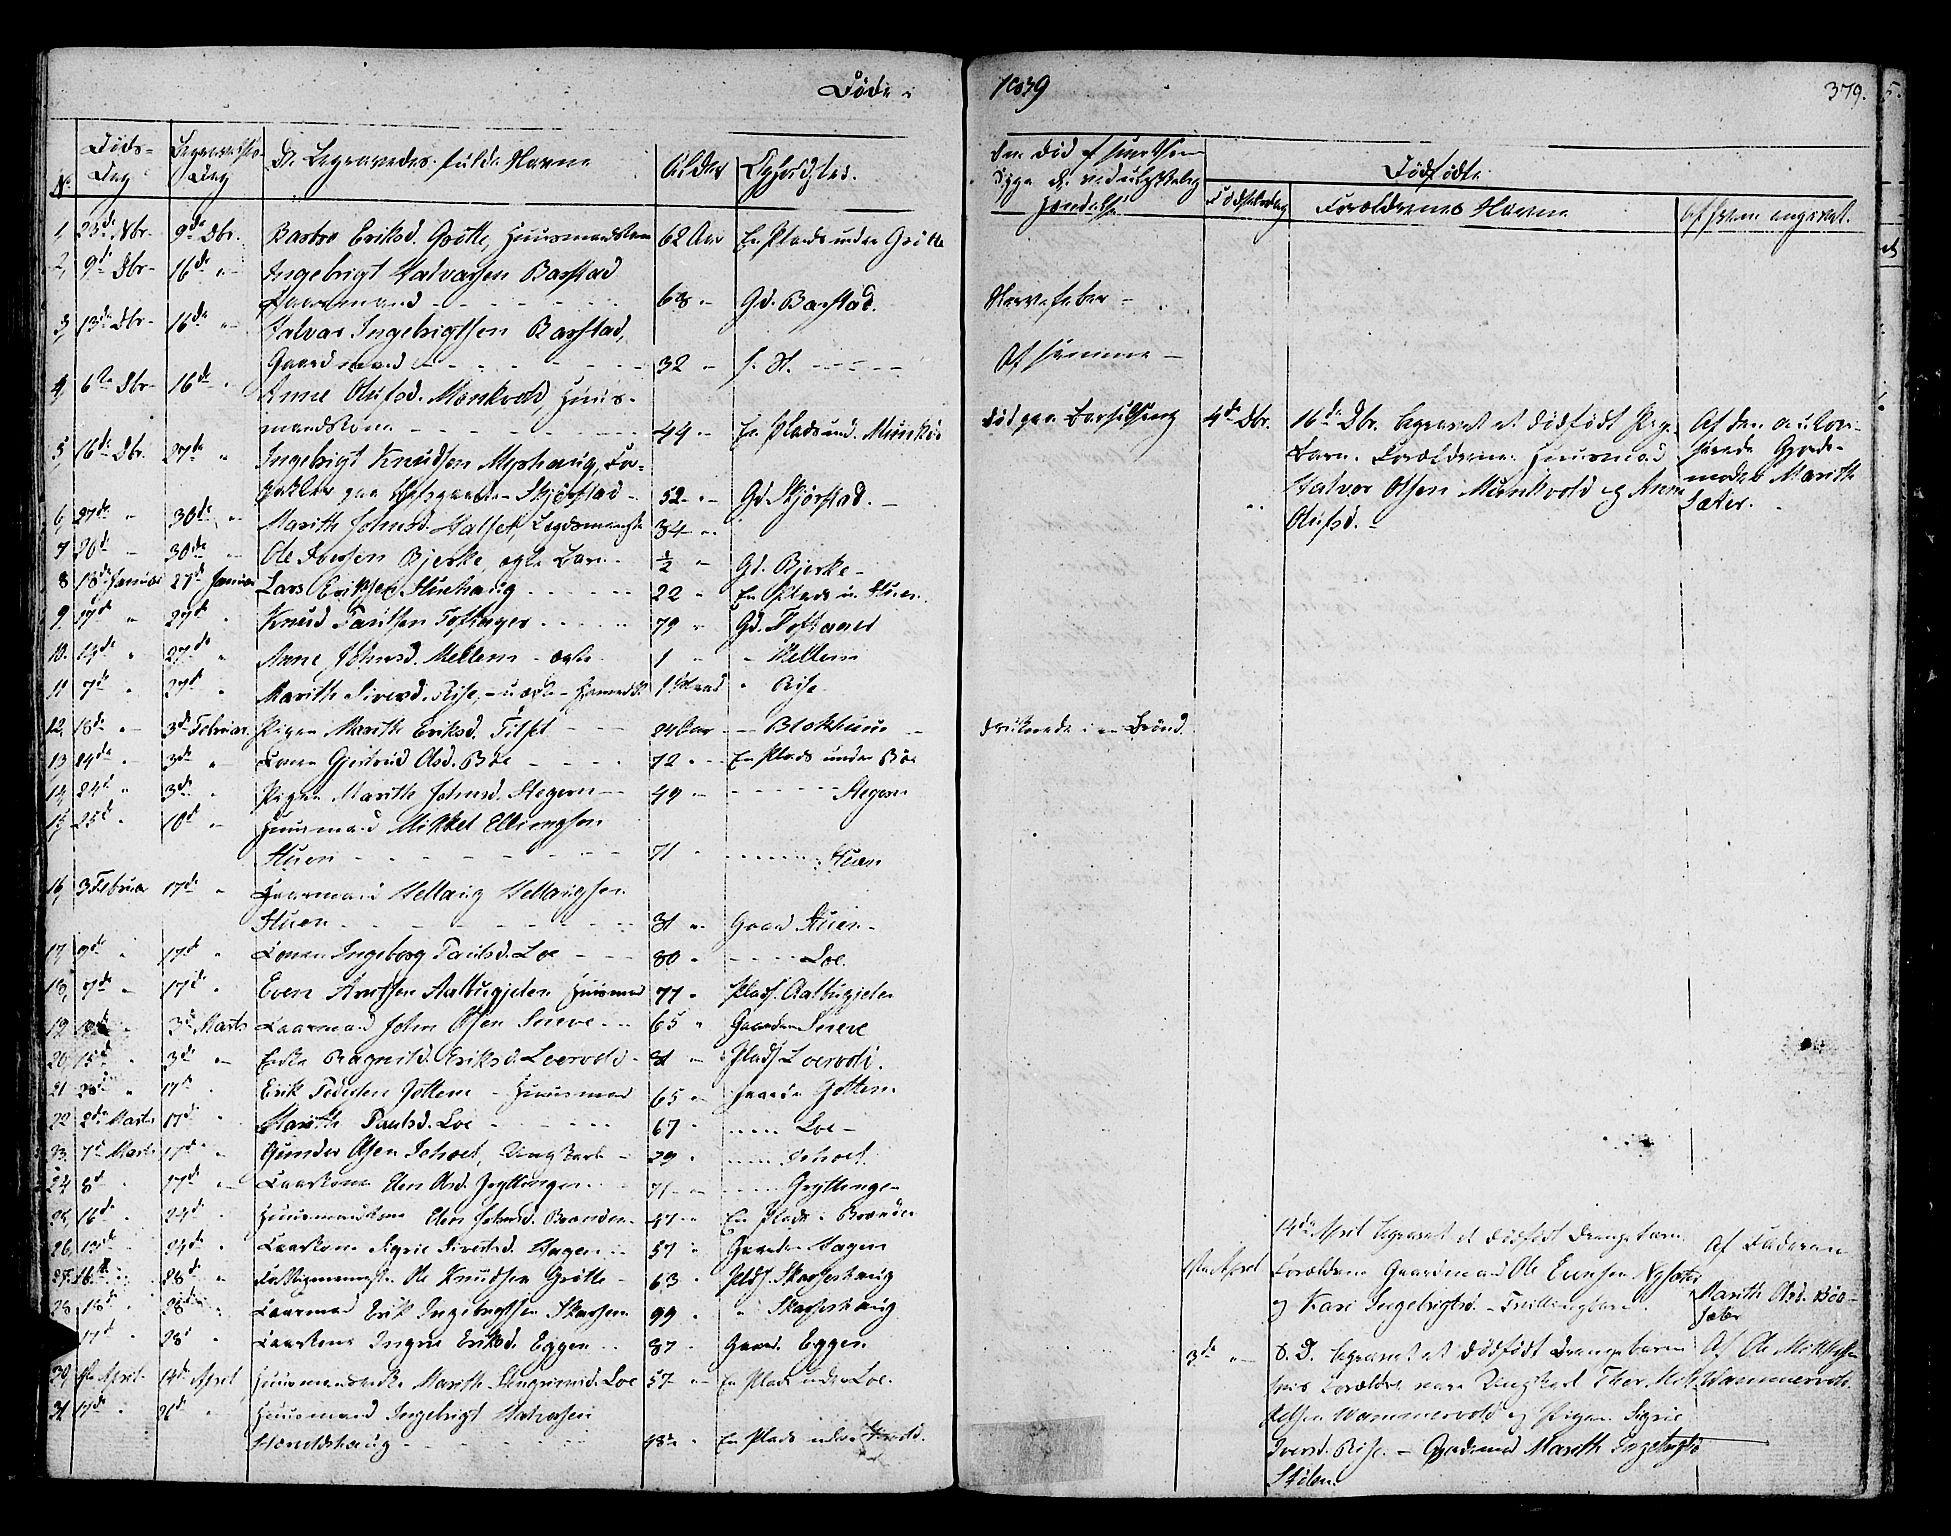 SAT, Ministerialprotokoller, klokkerbøker og fødselsregistre - Sør-Trøndelag, 678/L0897: Ministerialbok nr. 678A06-07, 1821-1847, s. 379